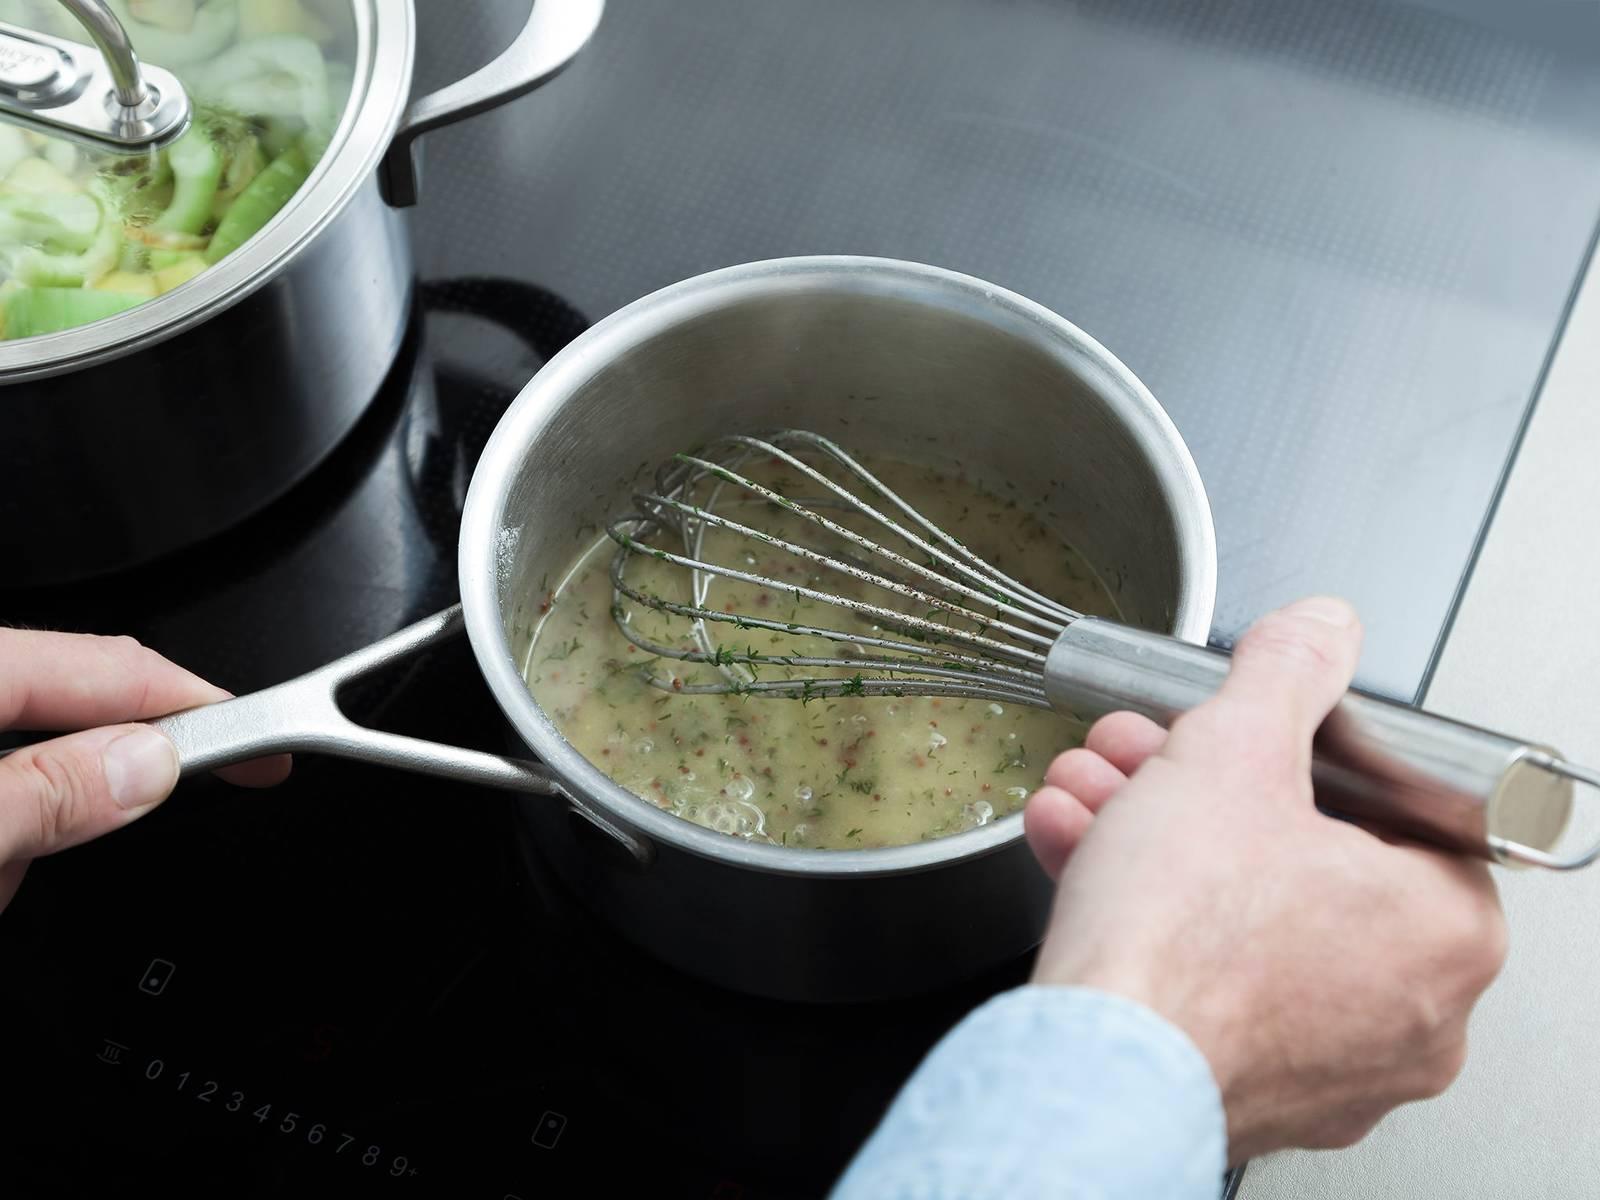 与此同时,在平底锅中加热黄油。倒入糖和面粉。中火煮1-2分钟,待其起泡。倒入剩余的蔬菜高汤。拌入芥末、醋和芥末籽。撒盐与胡椒调味,放入莳萝末,搅拌均匀。